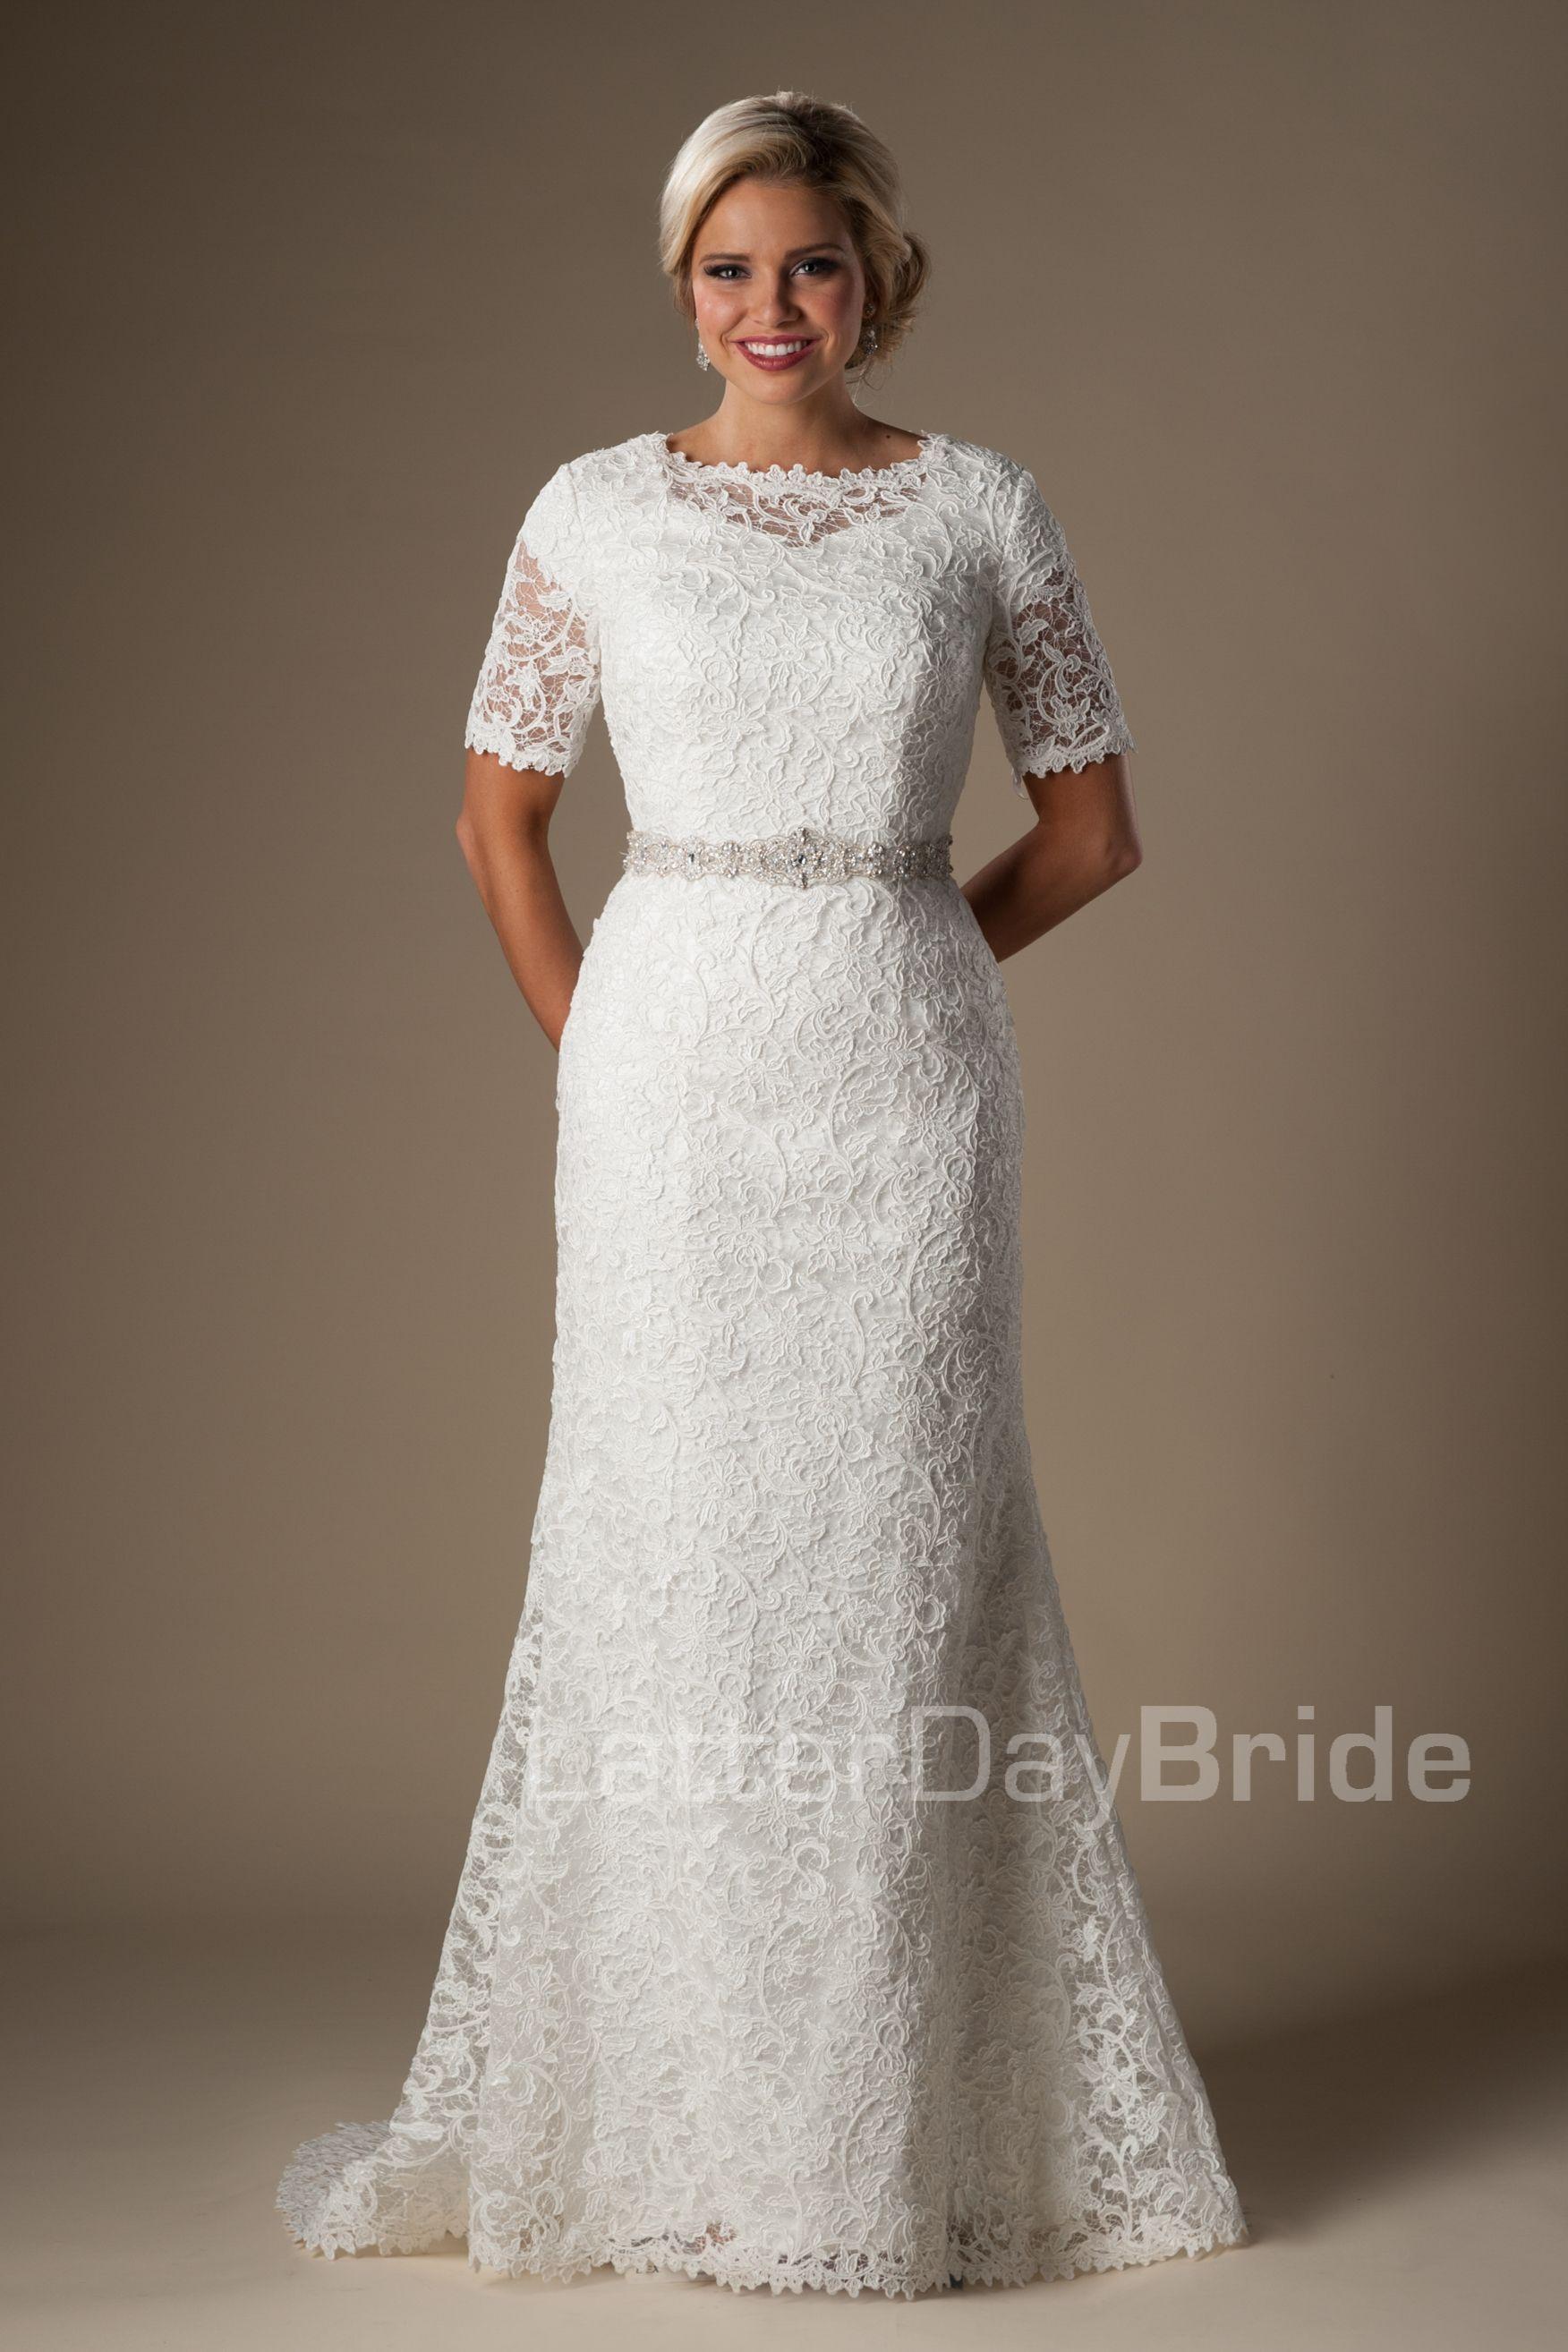 Pin By Lauren Perrier On Modest Bridal Dresses Pinterest